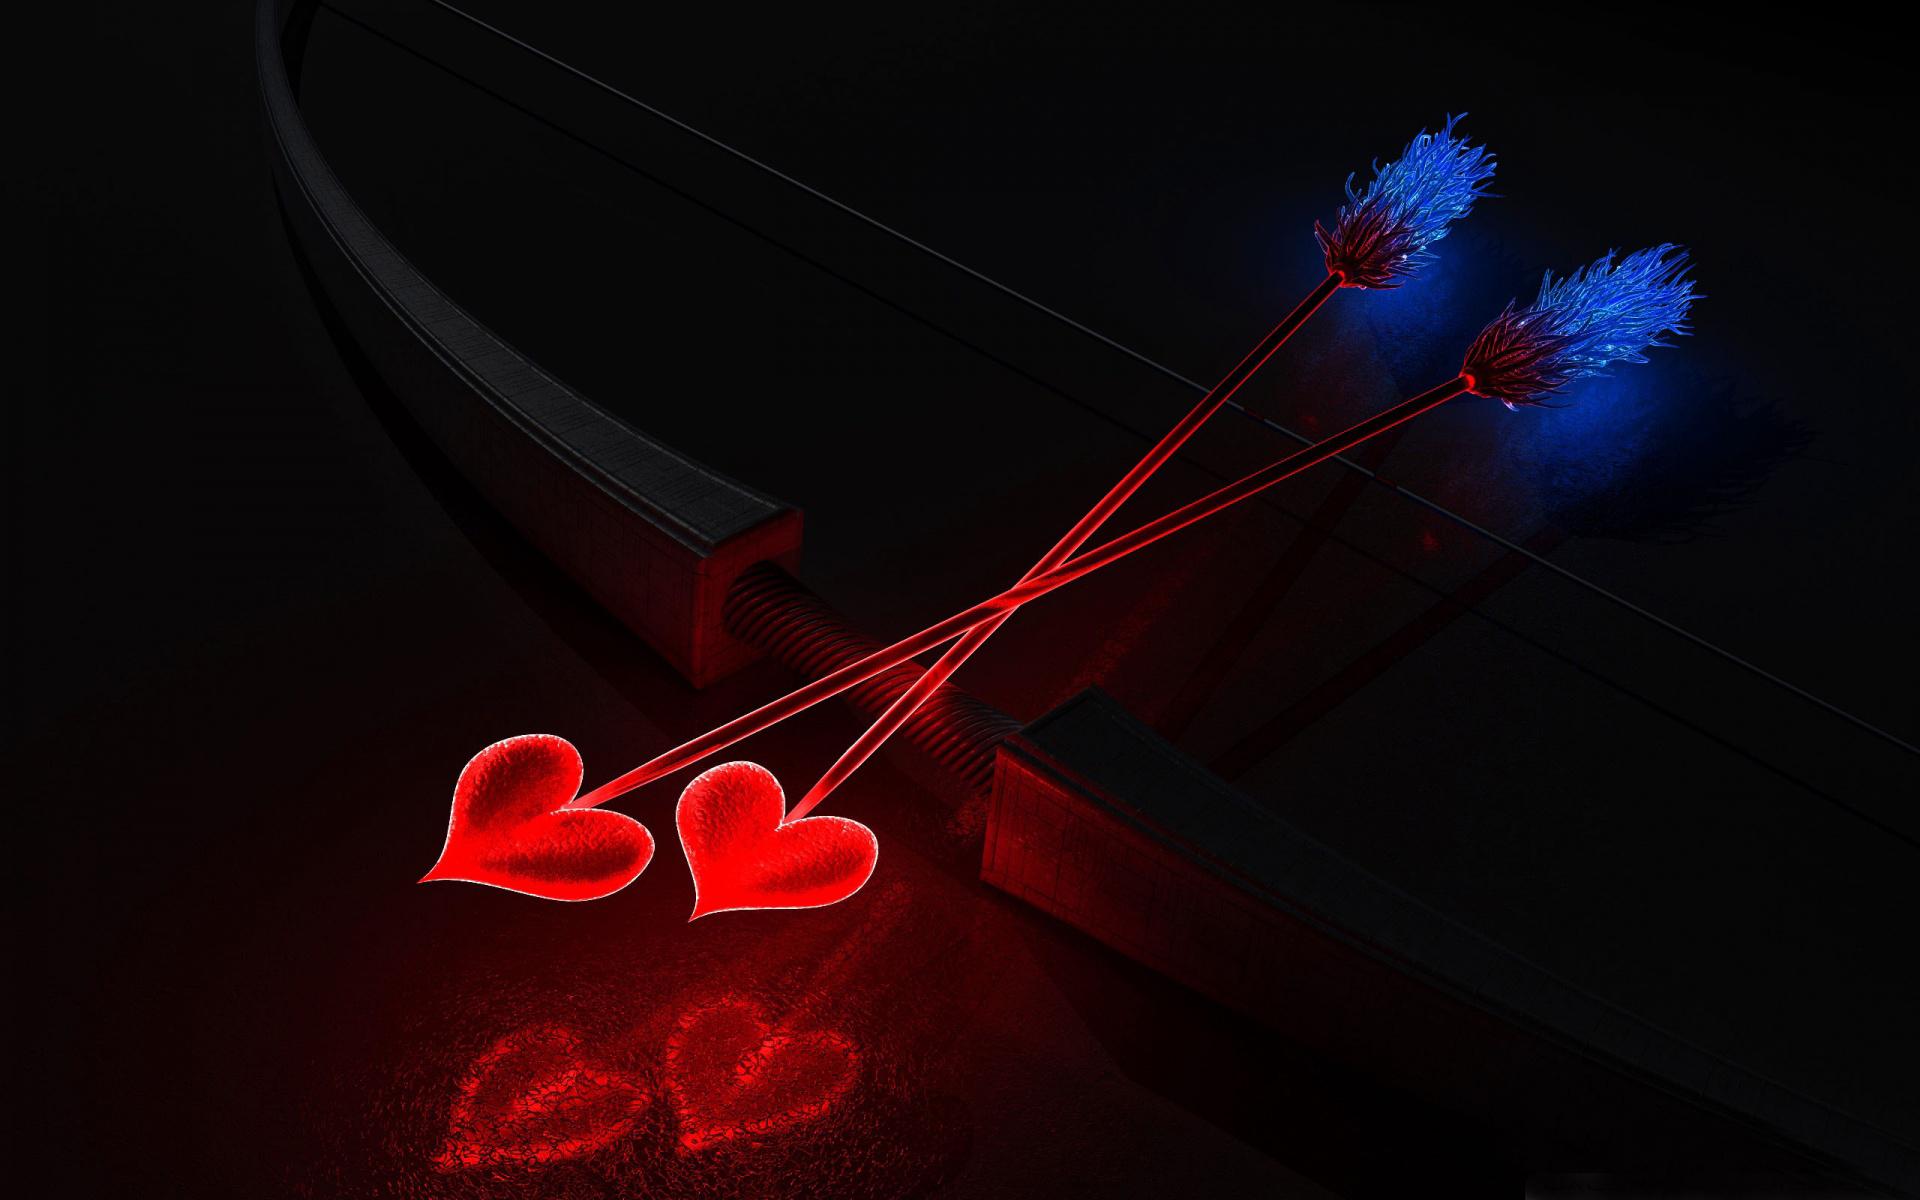 رومانسية 2015 1373245460142.jpg